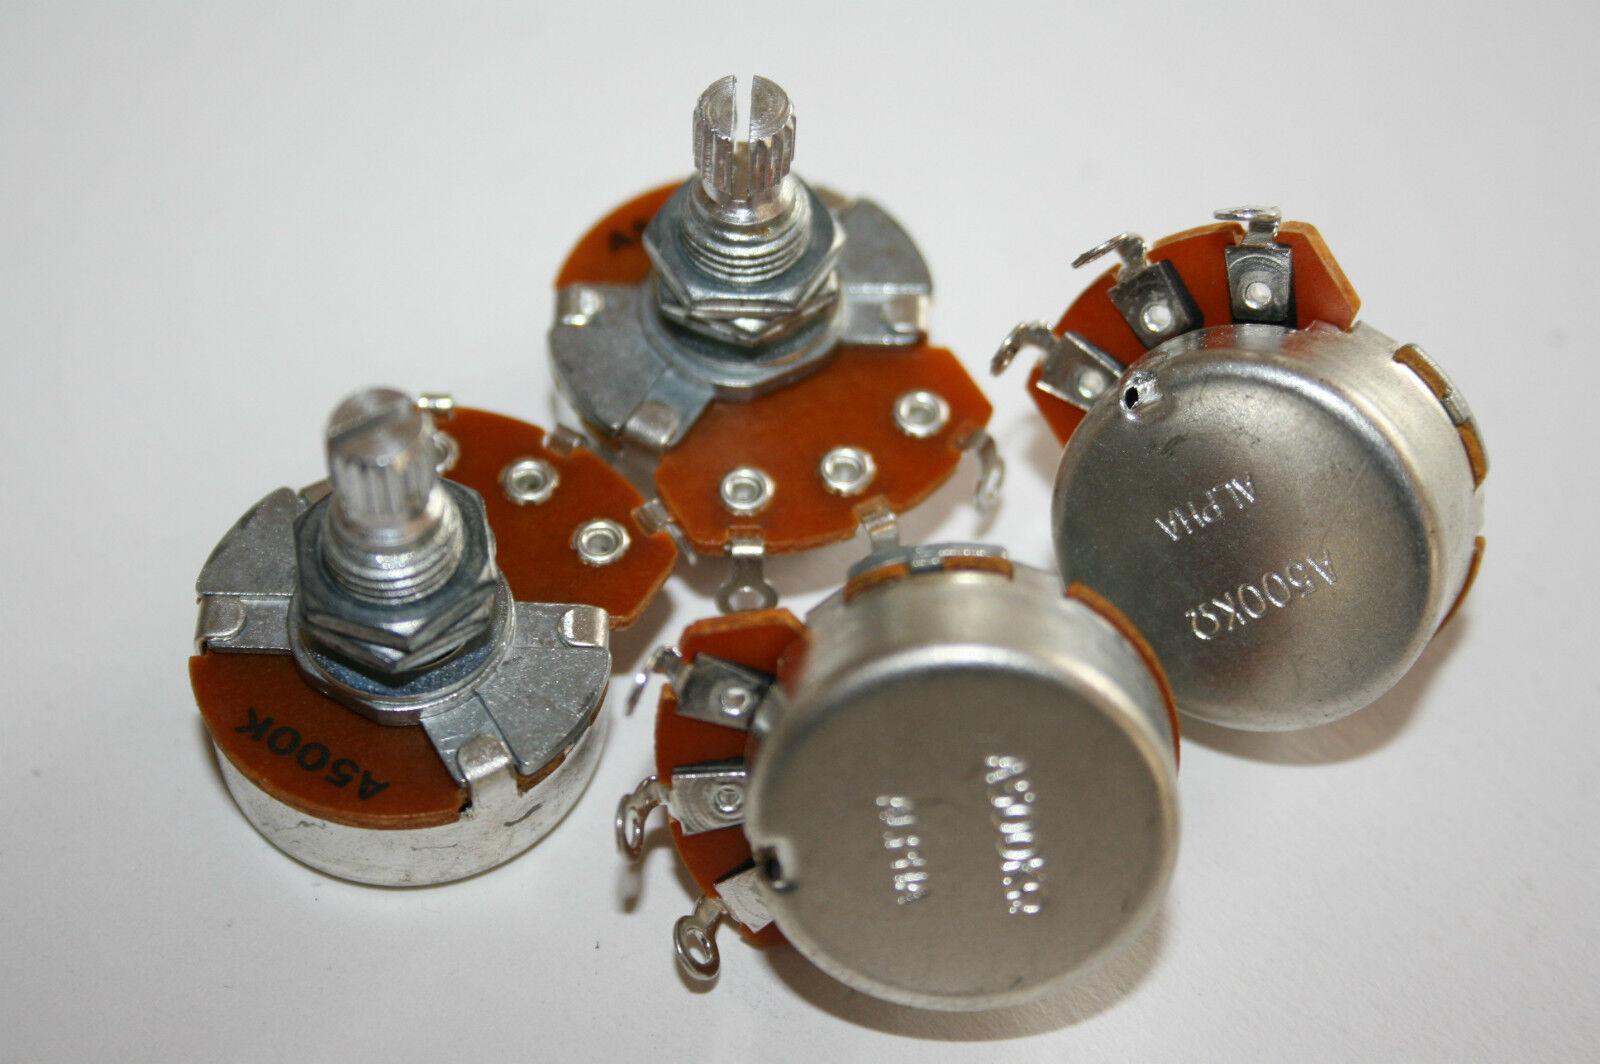 4 x Alpha Poti Potentiometer 500 Kohm B Lin kurz für Strat  großes Gehäuse 22 mm